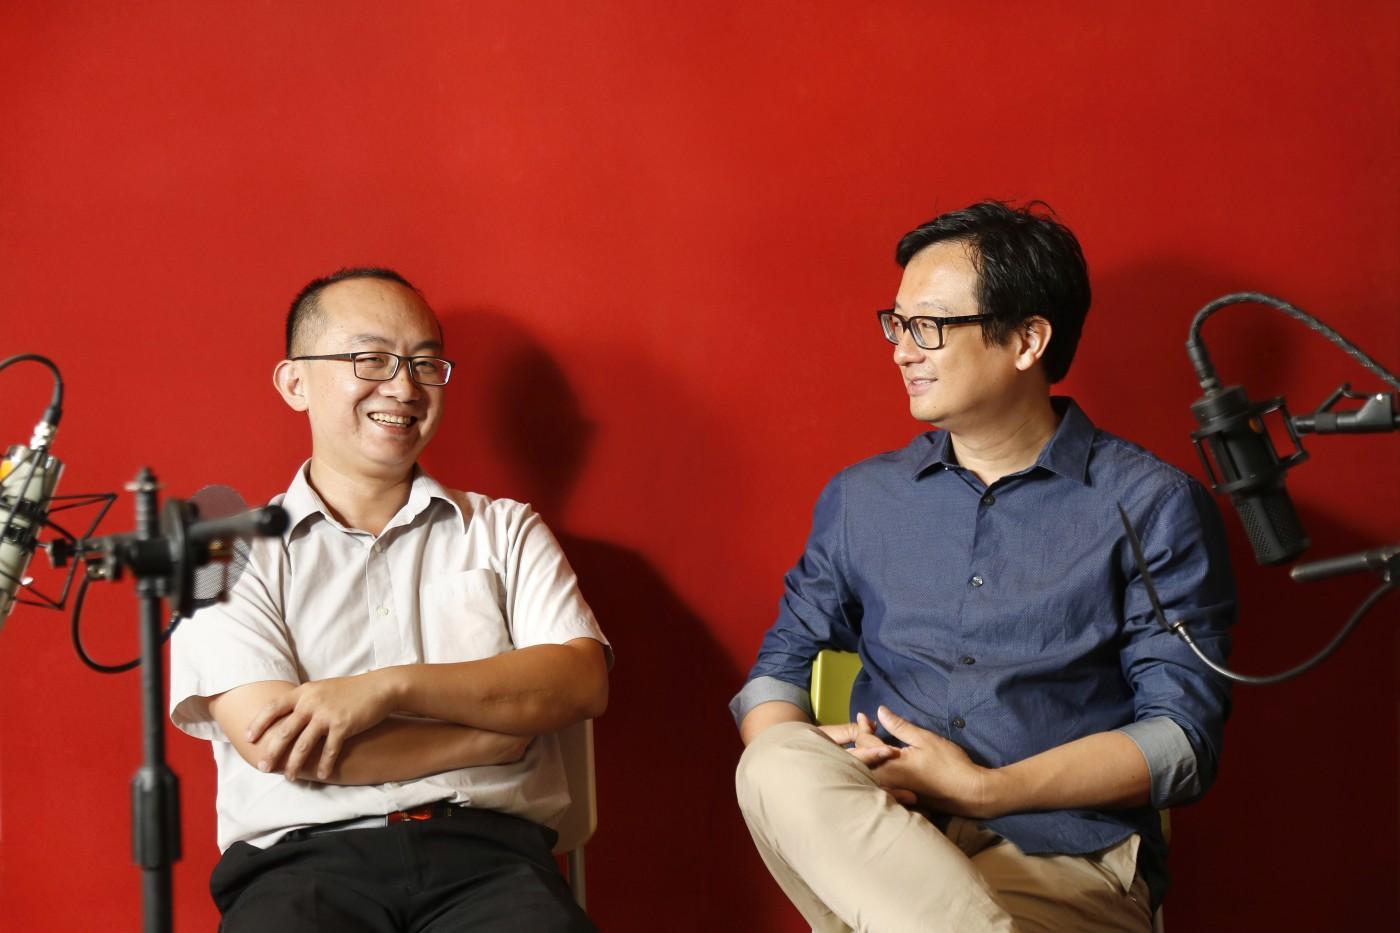 《BNB Air》第十集——周偉航X張鐵志:《狂粉是怎樣煉成的》,成功造粉、推坑的社群行銷學